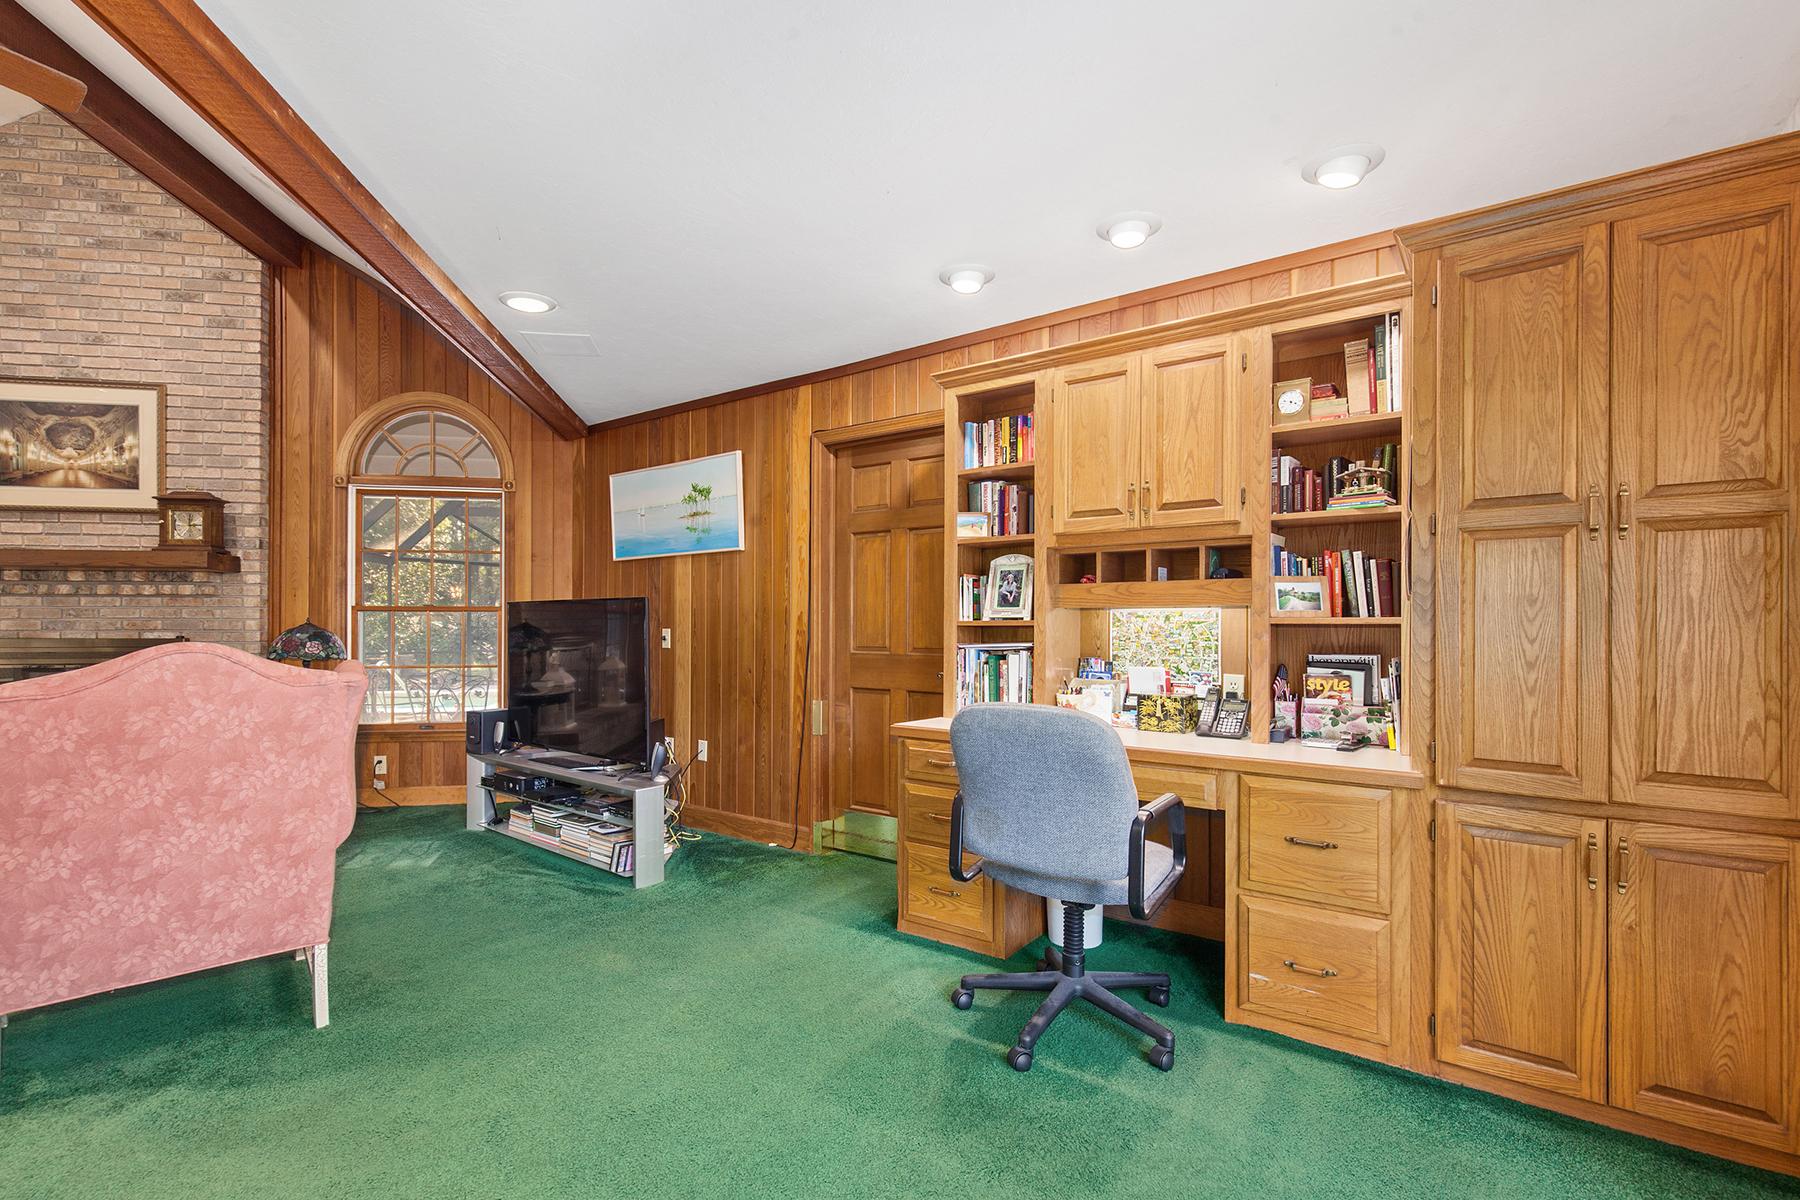 Additional photo for property listing at OCALA 160 Ne 53rd Ct, Ocala, Florida 34470 Estados Unidos